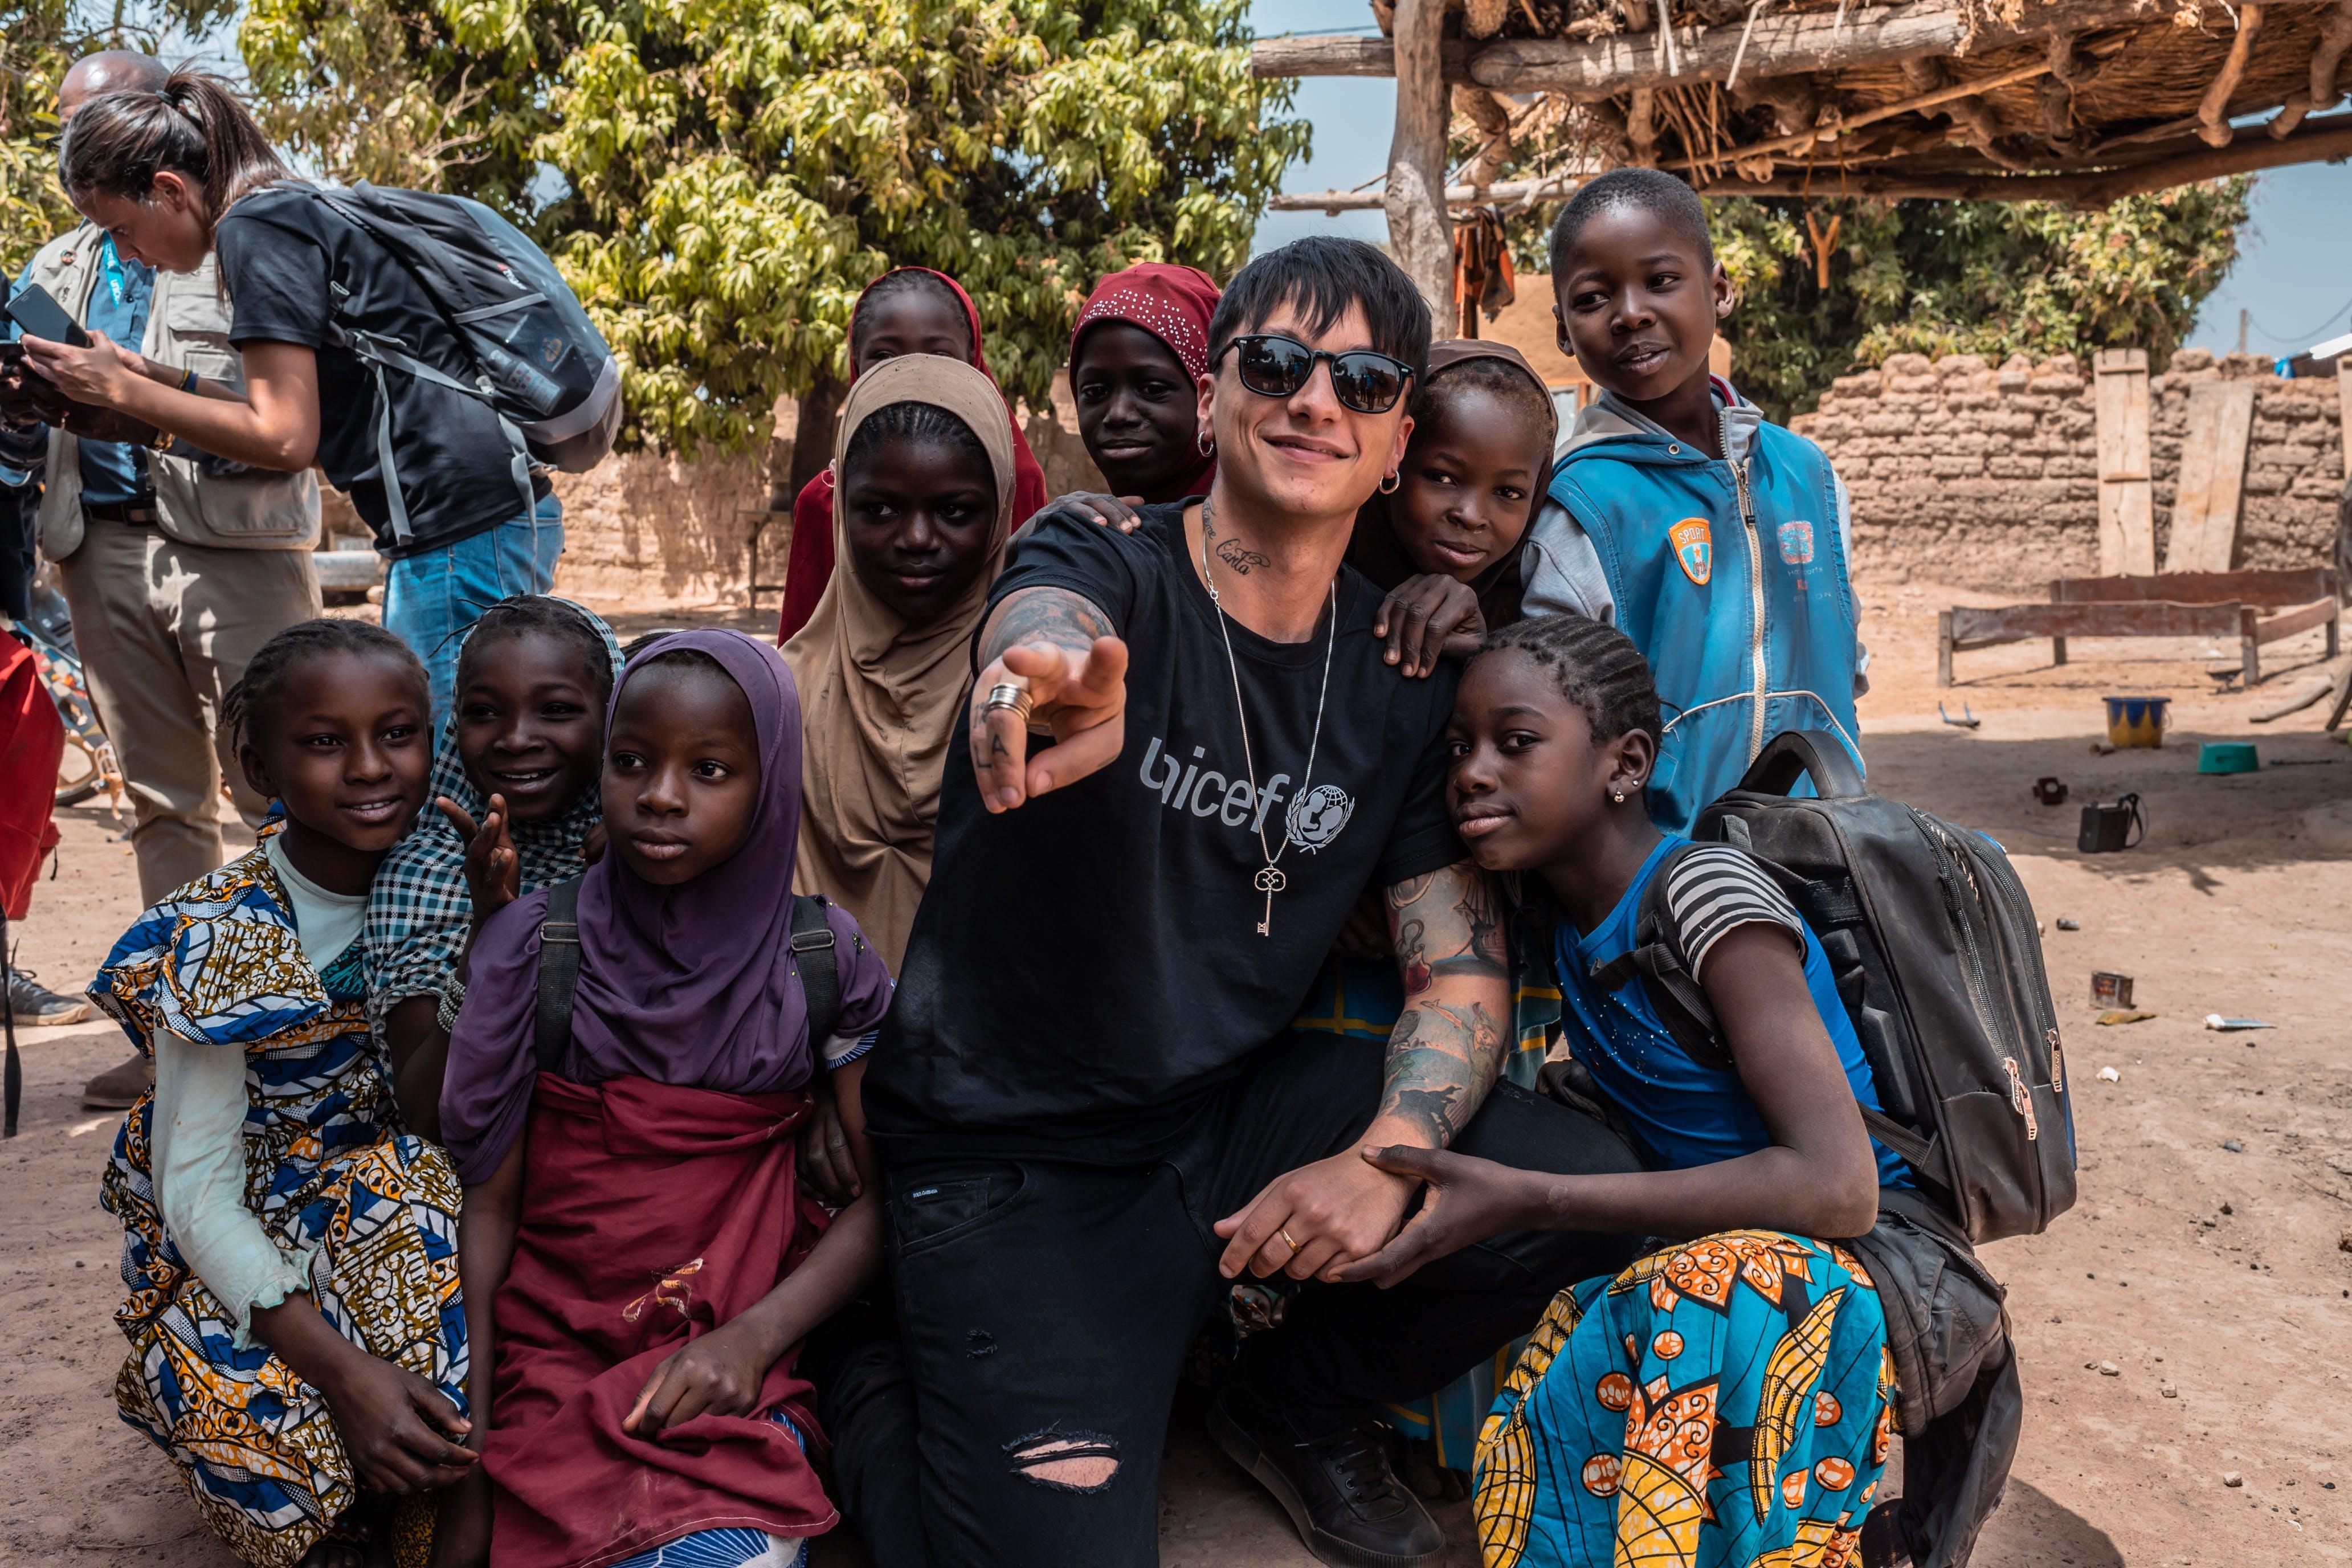 ULTIMO nel suo viaggio sul campo con UNICEF in Mali